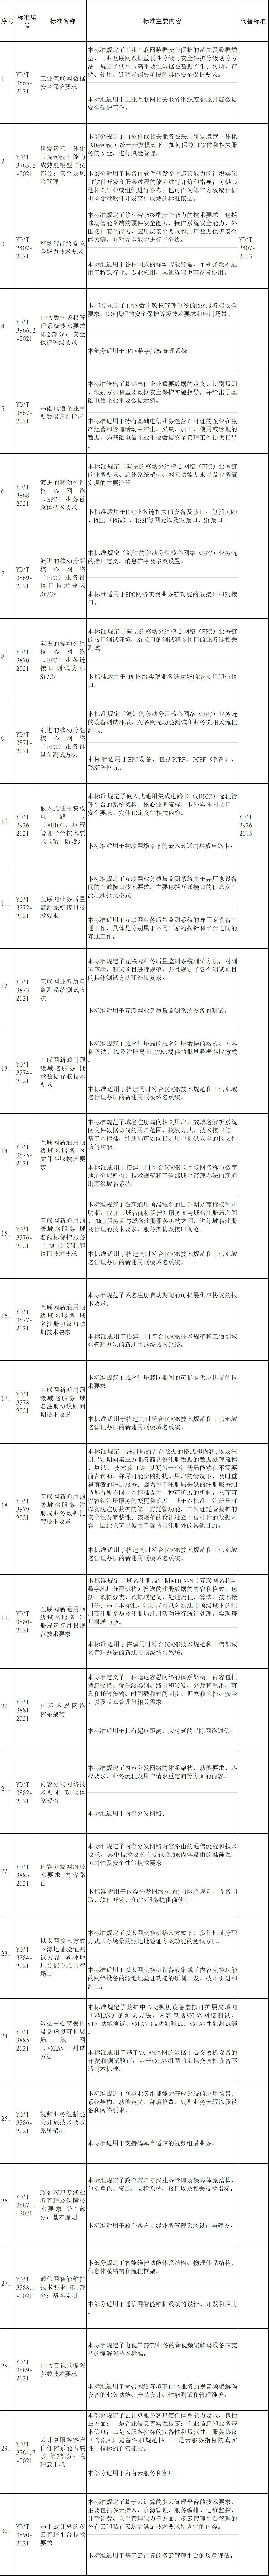 工信部公布81项通信行业标准 包括5G网络6GHz以下频段基站设备技术要求